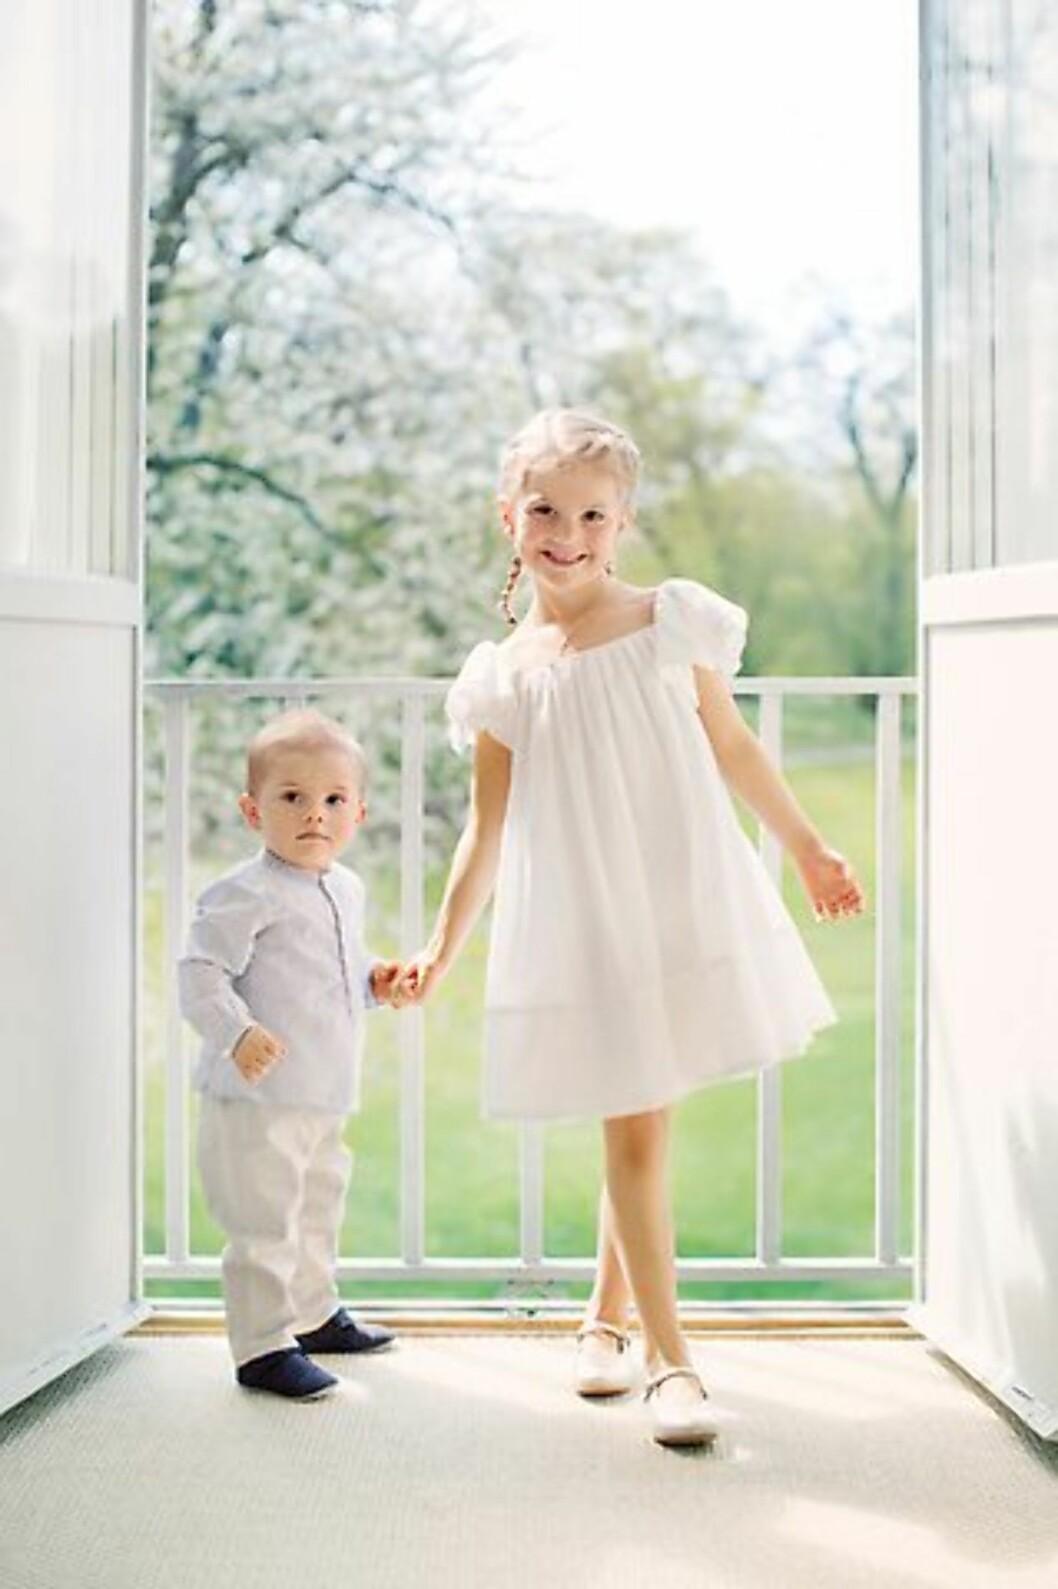 SØTNOSER: Kronprinsesse Victoria og prins Daniel har all grunn til å være stolt av sine to søte barn! Foto: Erika Gerdemark / Kungahuset.se